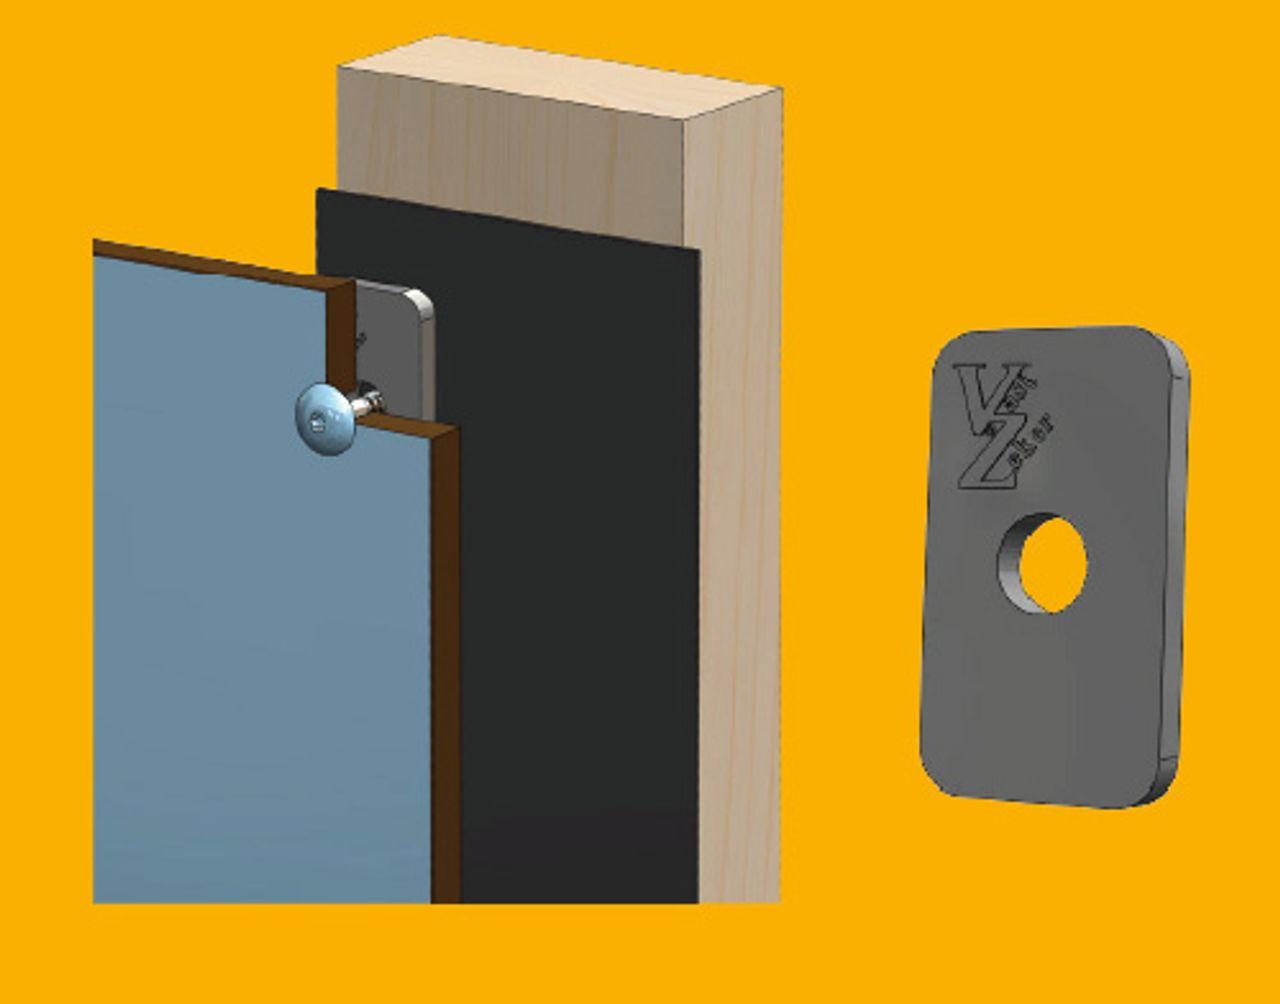 Afbeelding Trespa ventilatie met afstandhouder